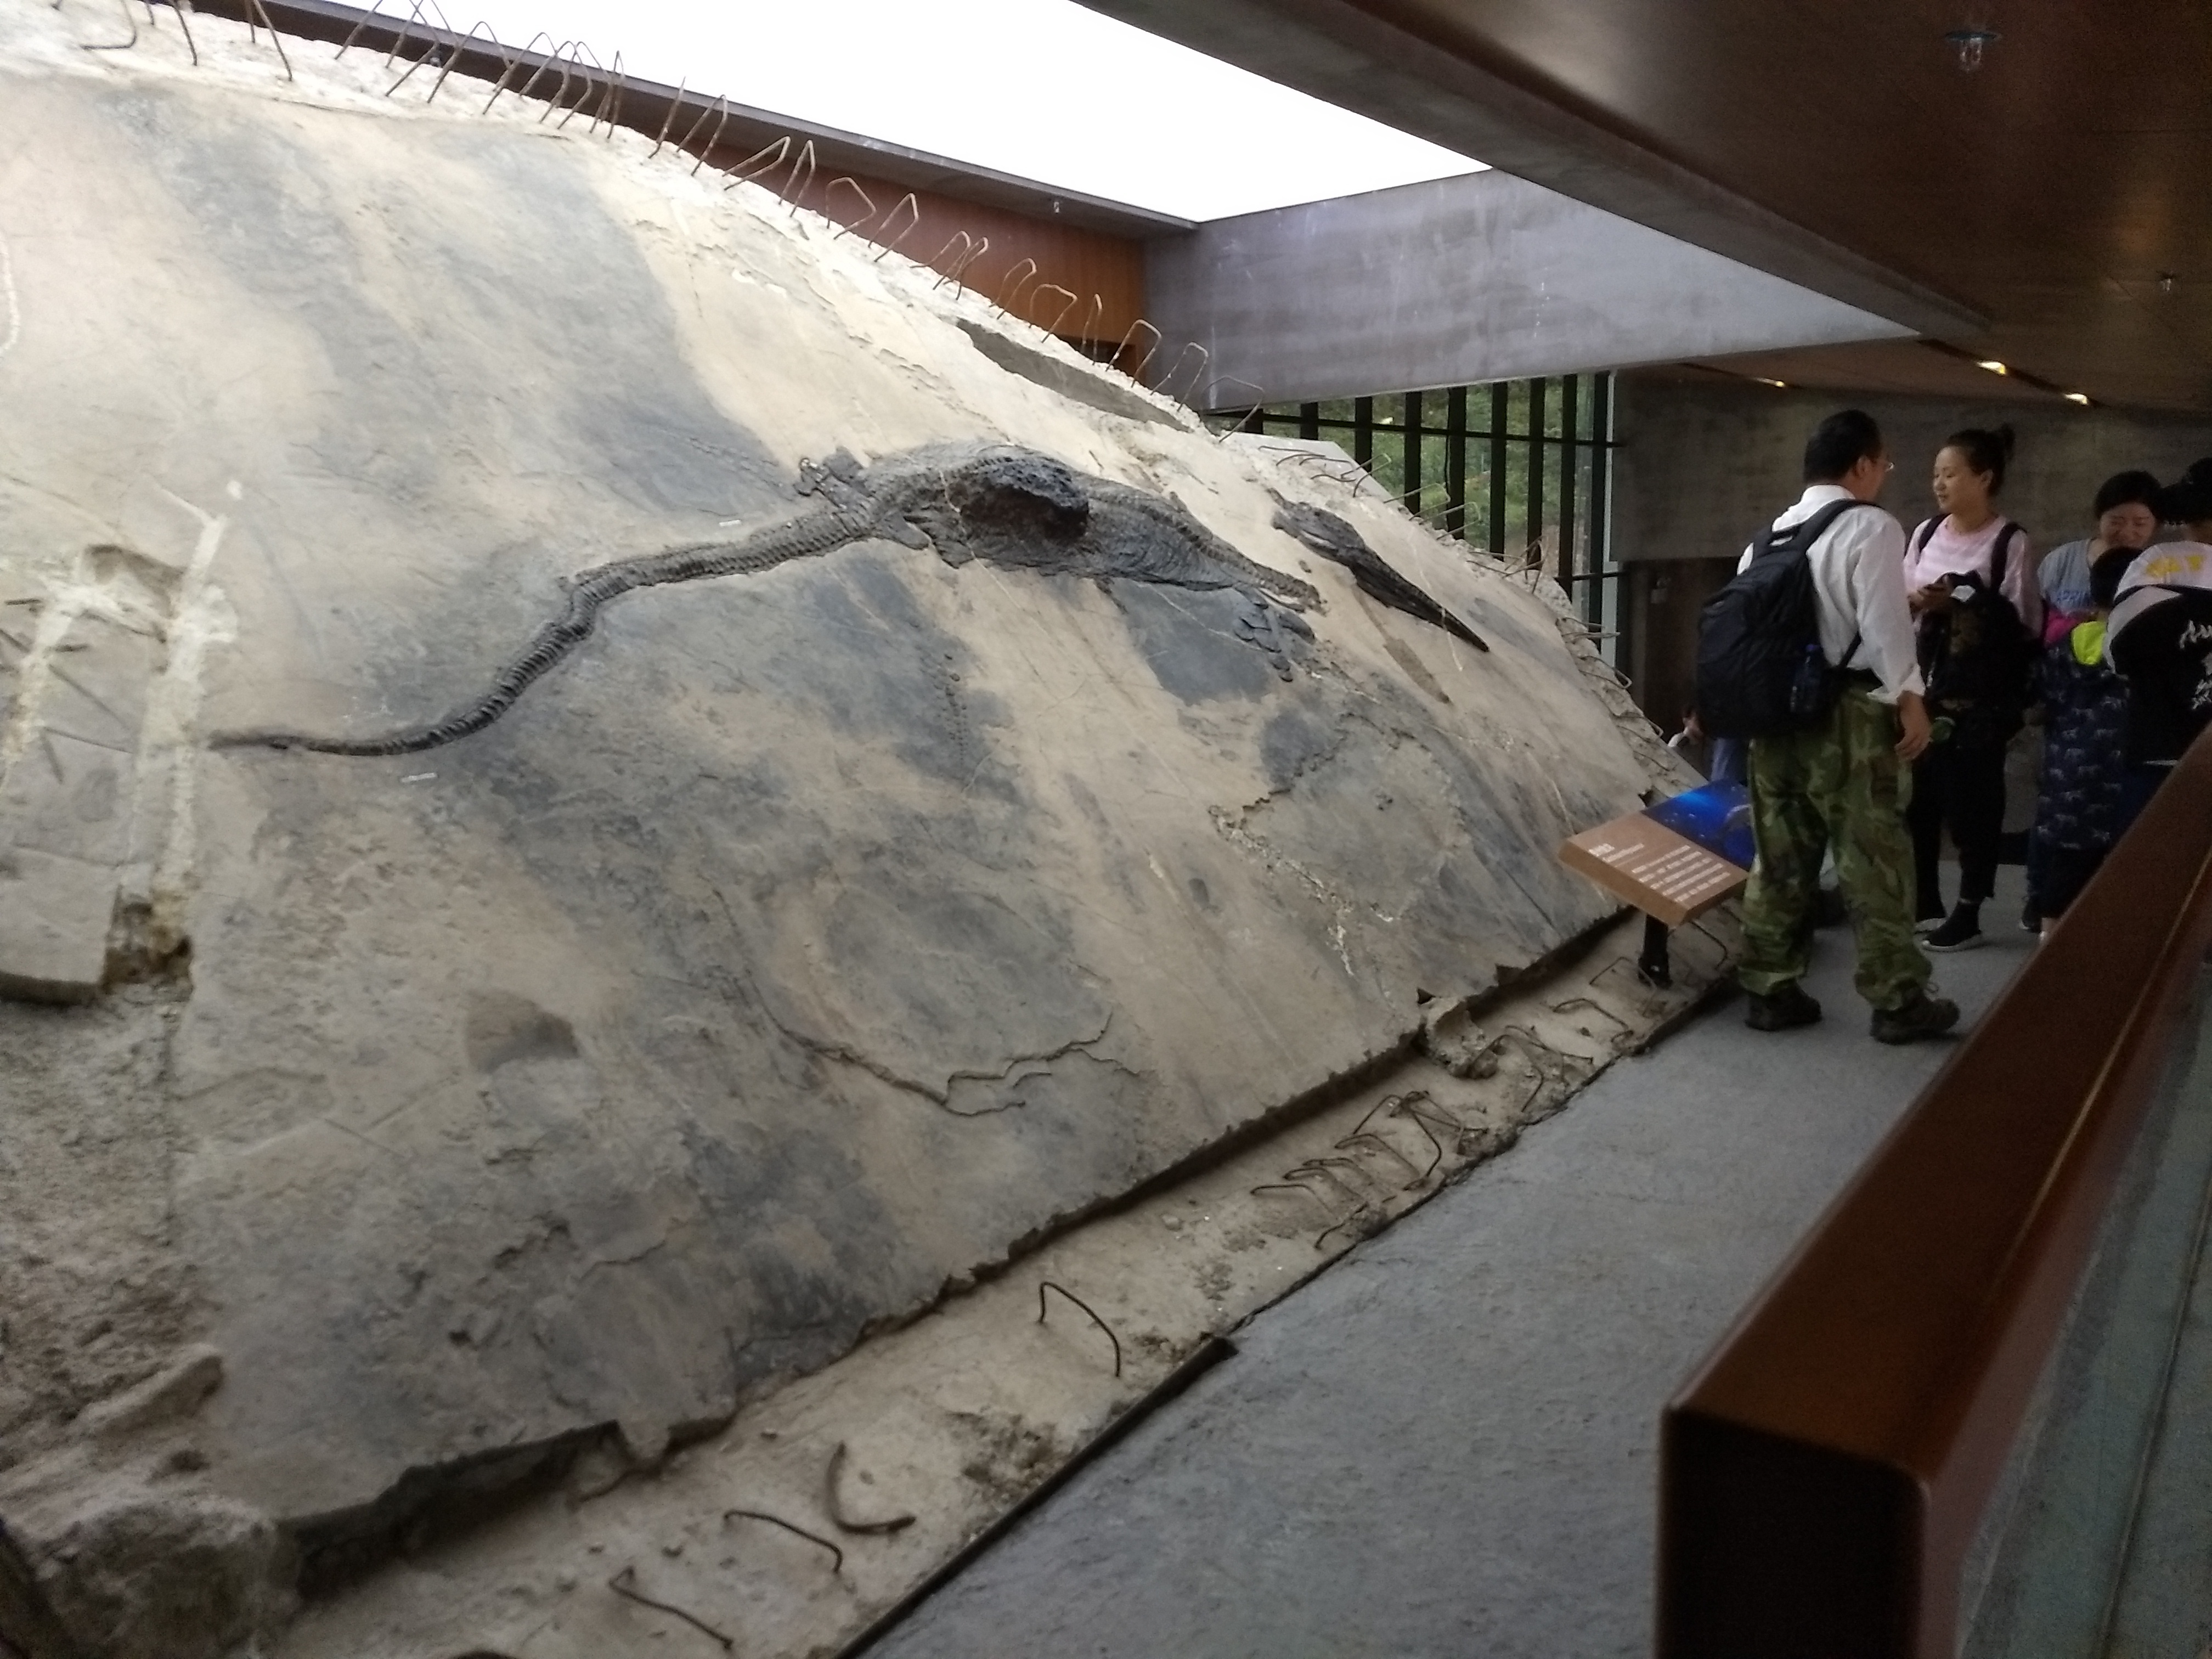 Ichthyosaur Specimen on Display